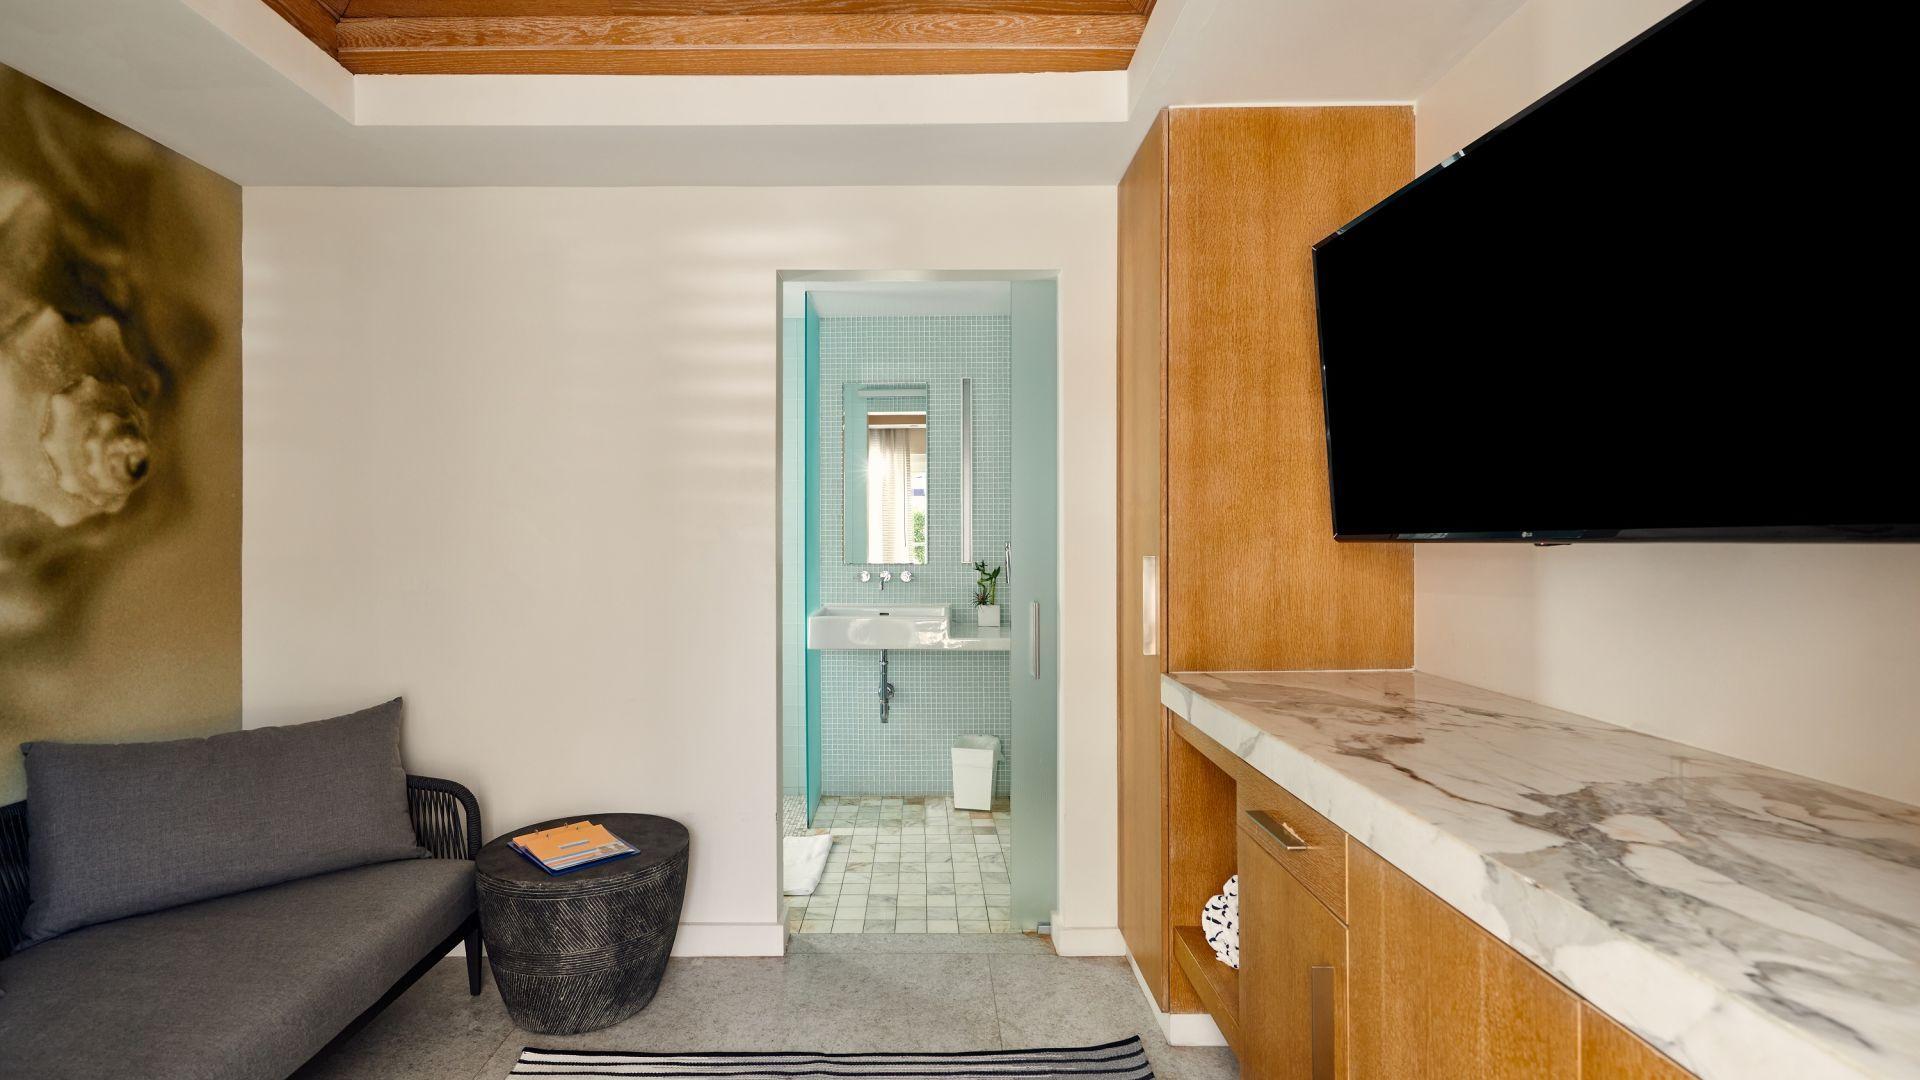 Una habitación con un sofá y una mesa delante de un espejo